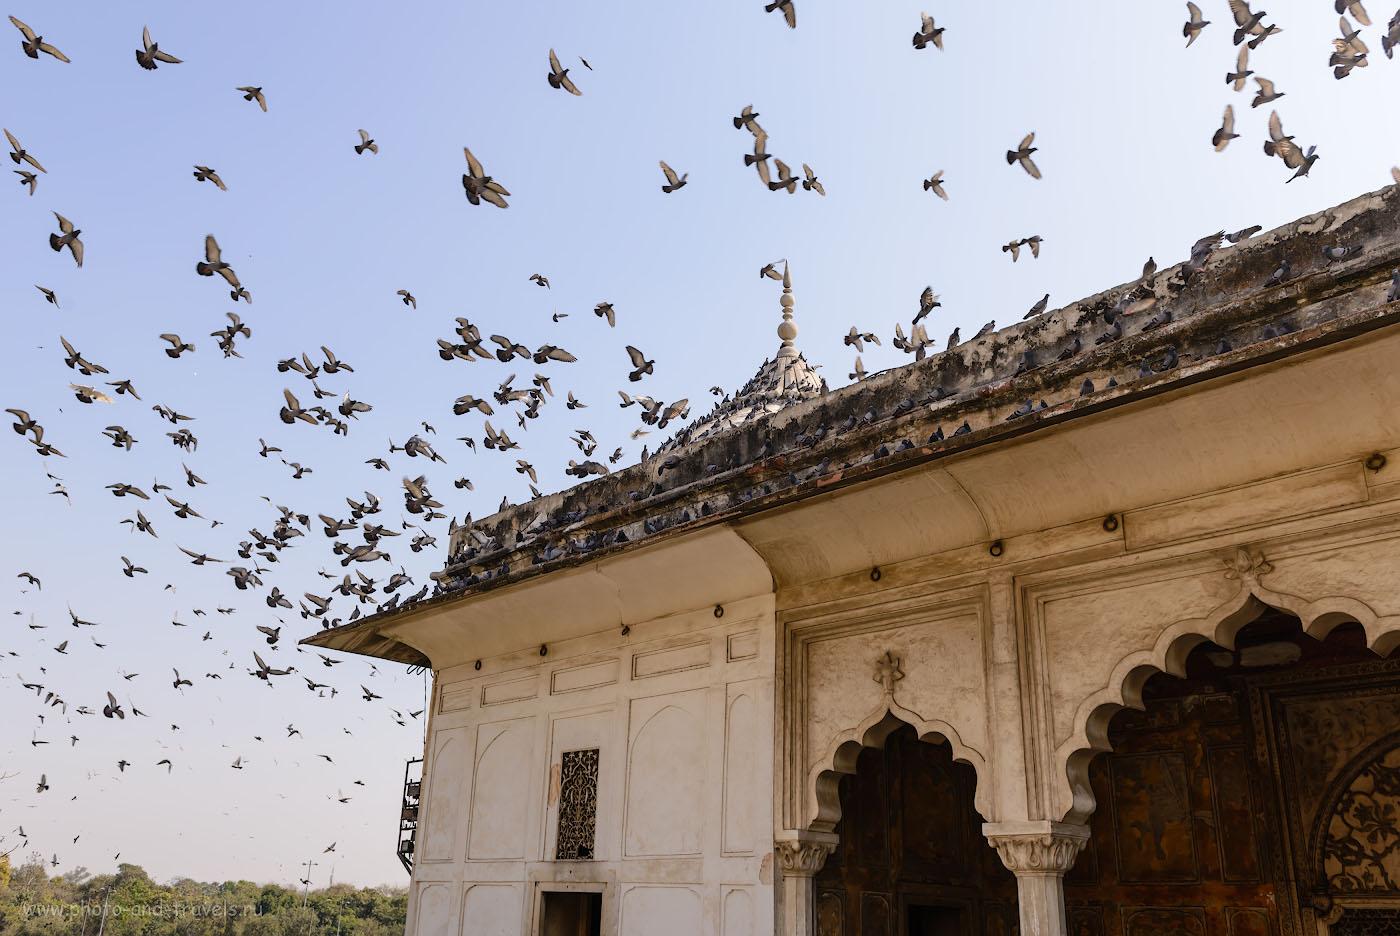 Фото 19. Во многих известных местах Индии можно встретить тучи голубей. 1/320, 7.1, 100, 29.